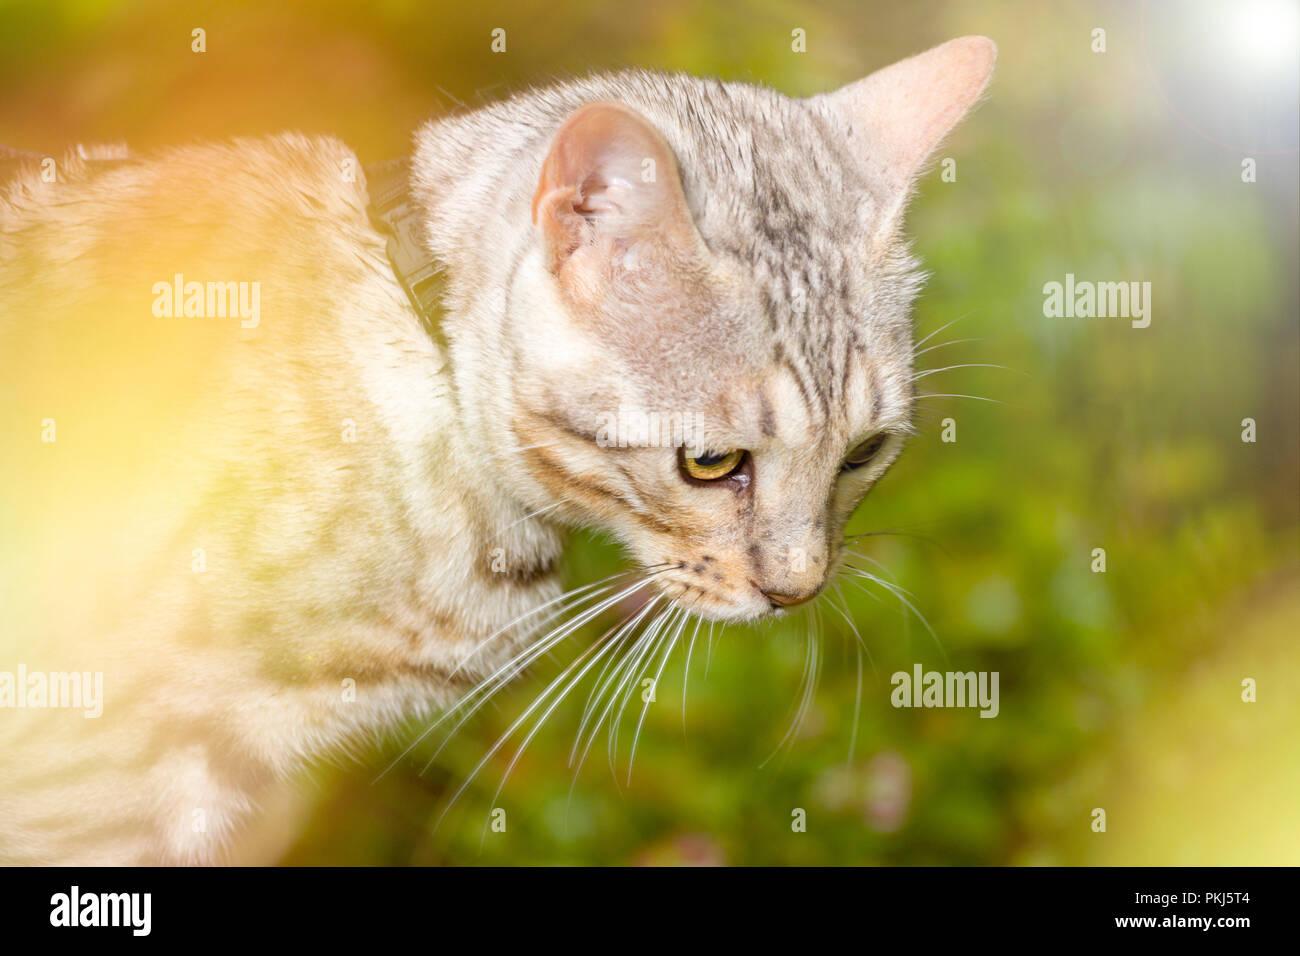 Bel maschio silver Gatto Bengal gattino ritratto all aperto con sun flare Immagini Stock